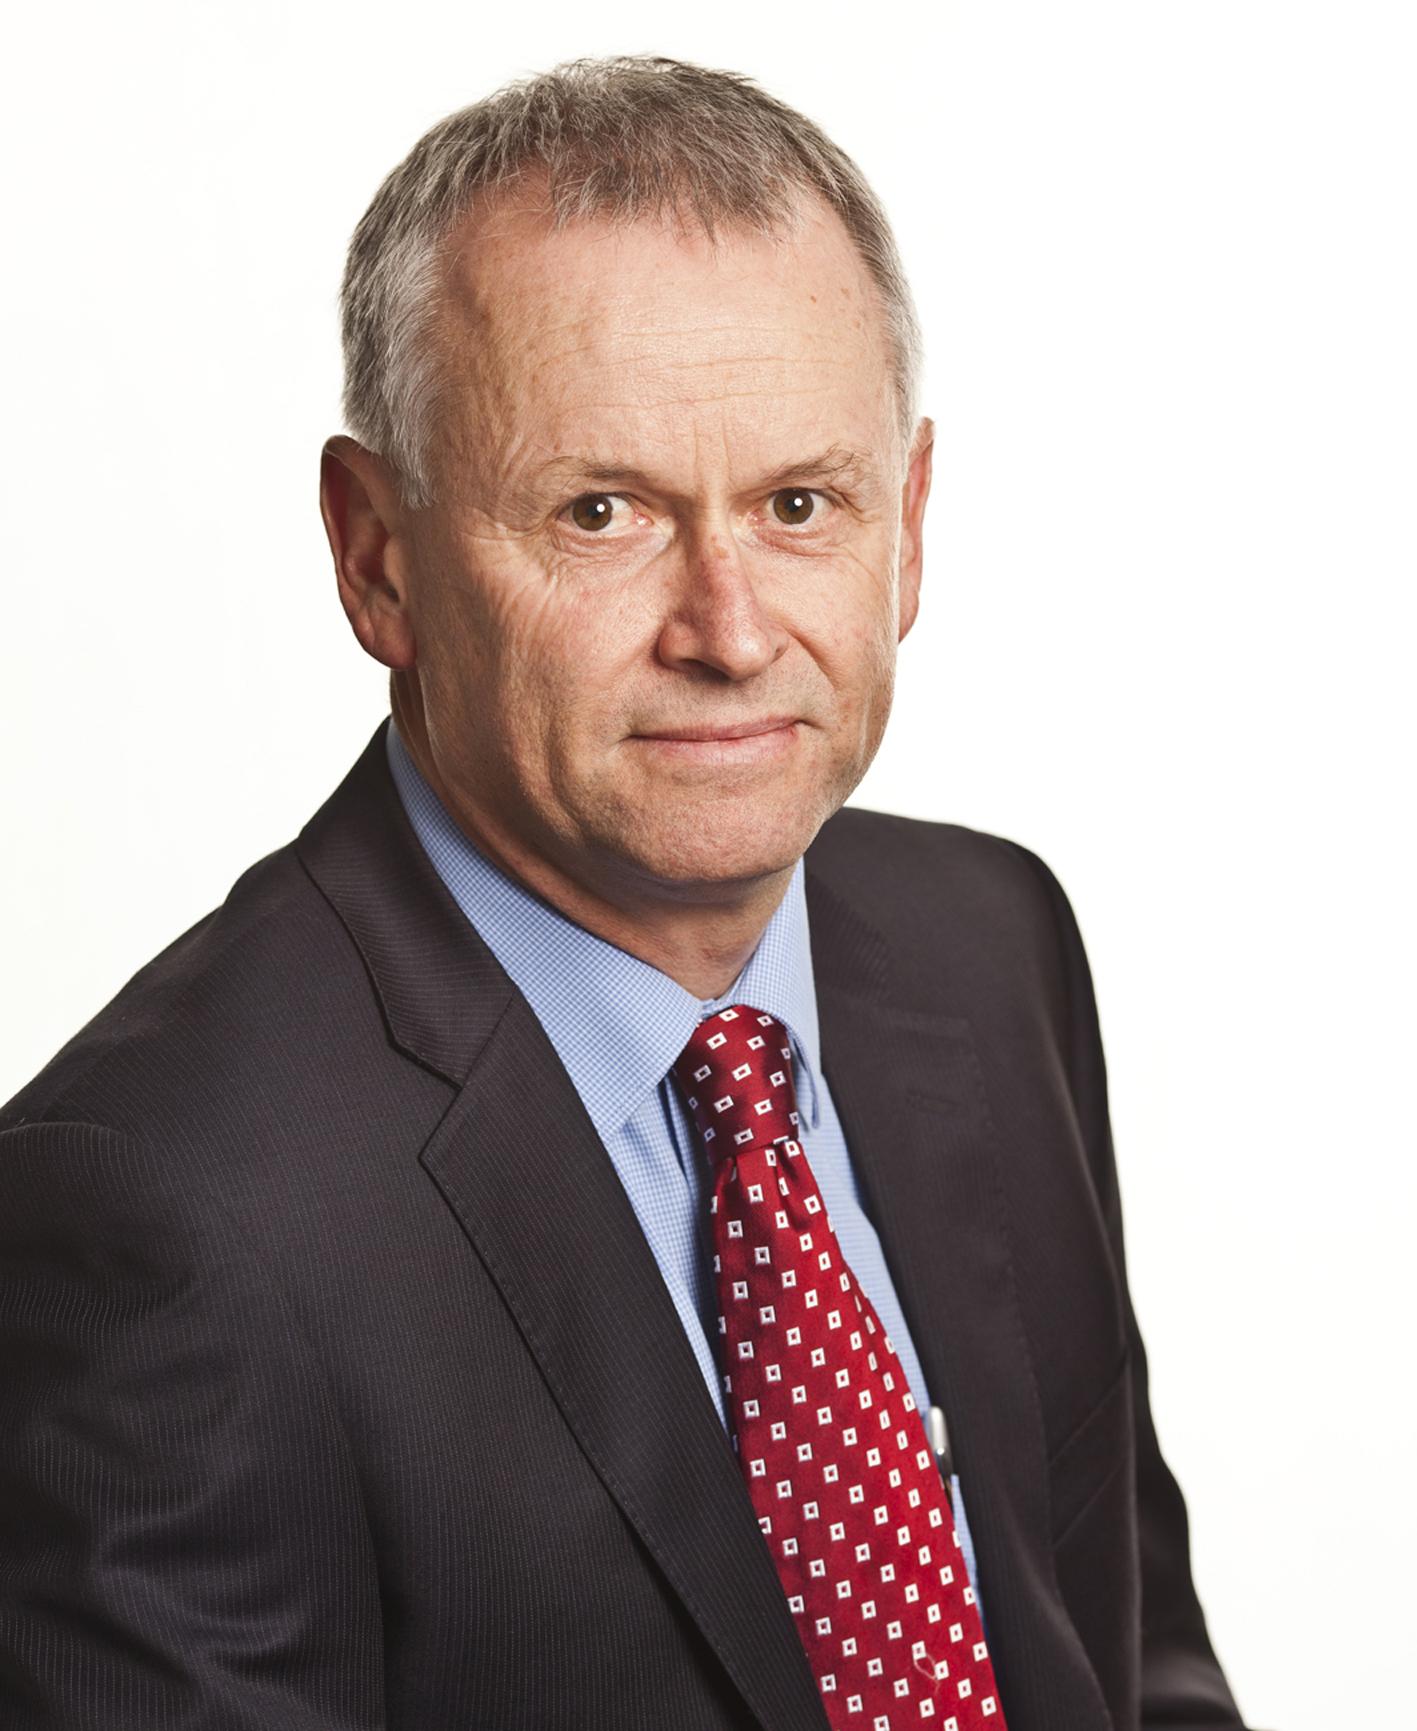 Mr Brett Lambert